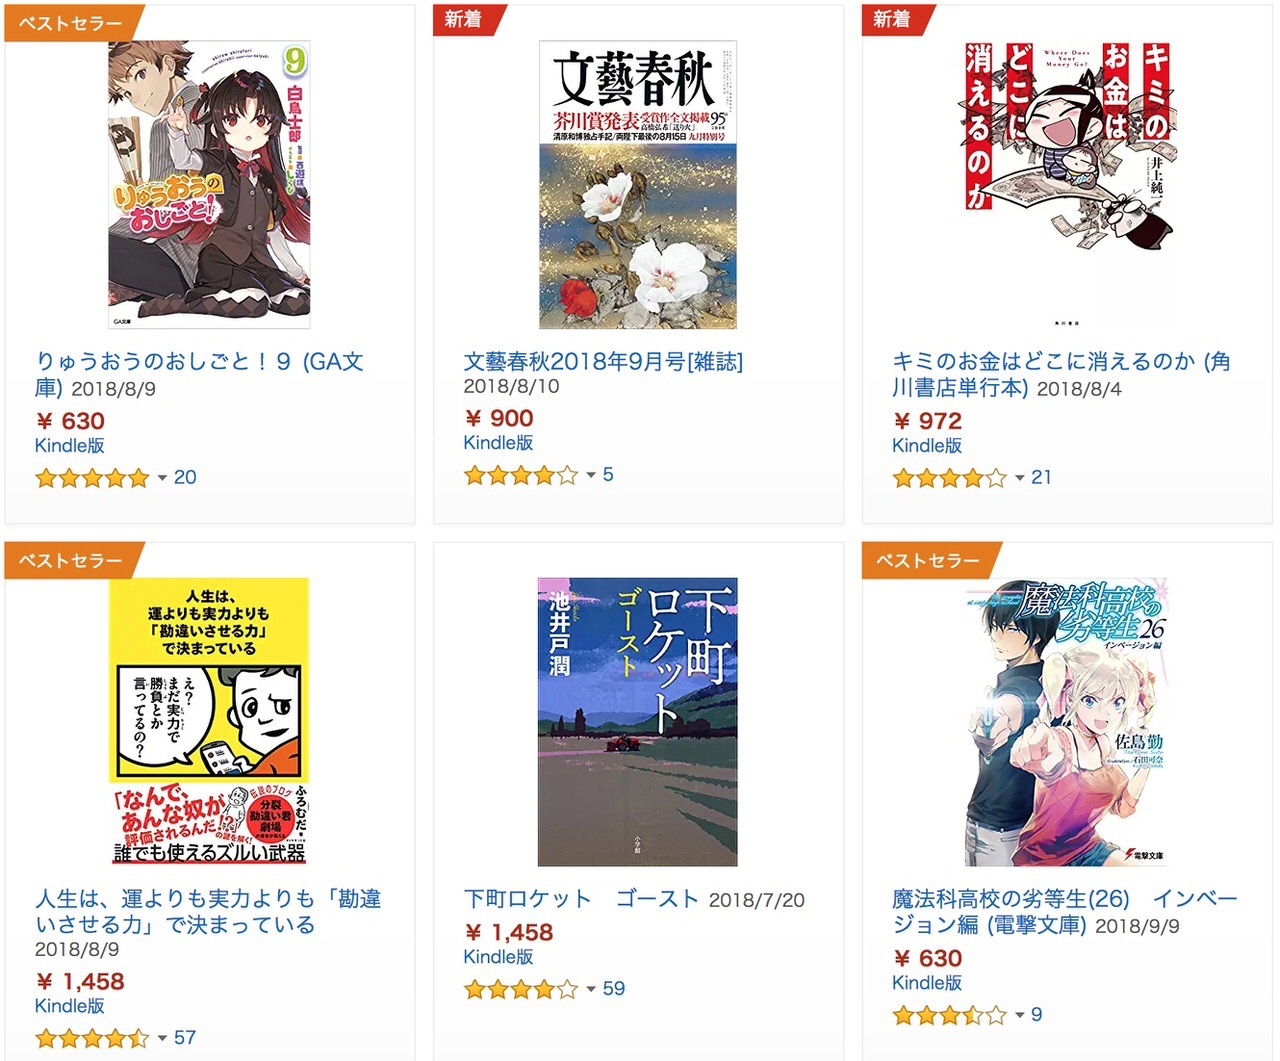 【Kindleセール】「対象のKindle本が400円OFFで購入できるクーポン」配布中